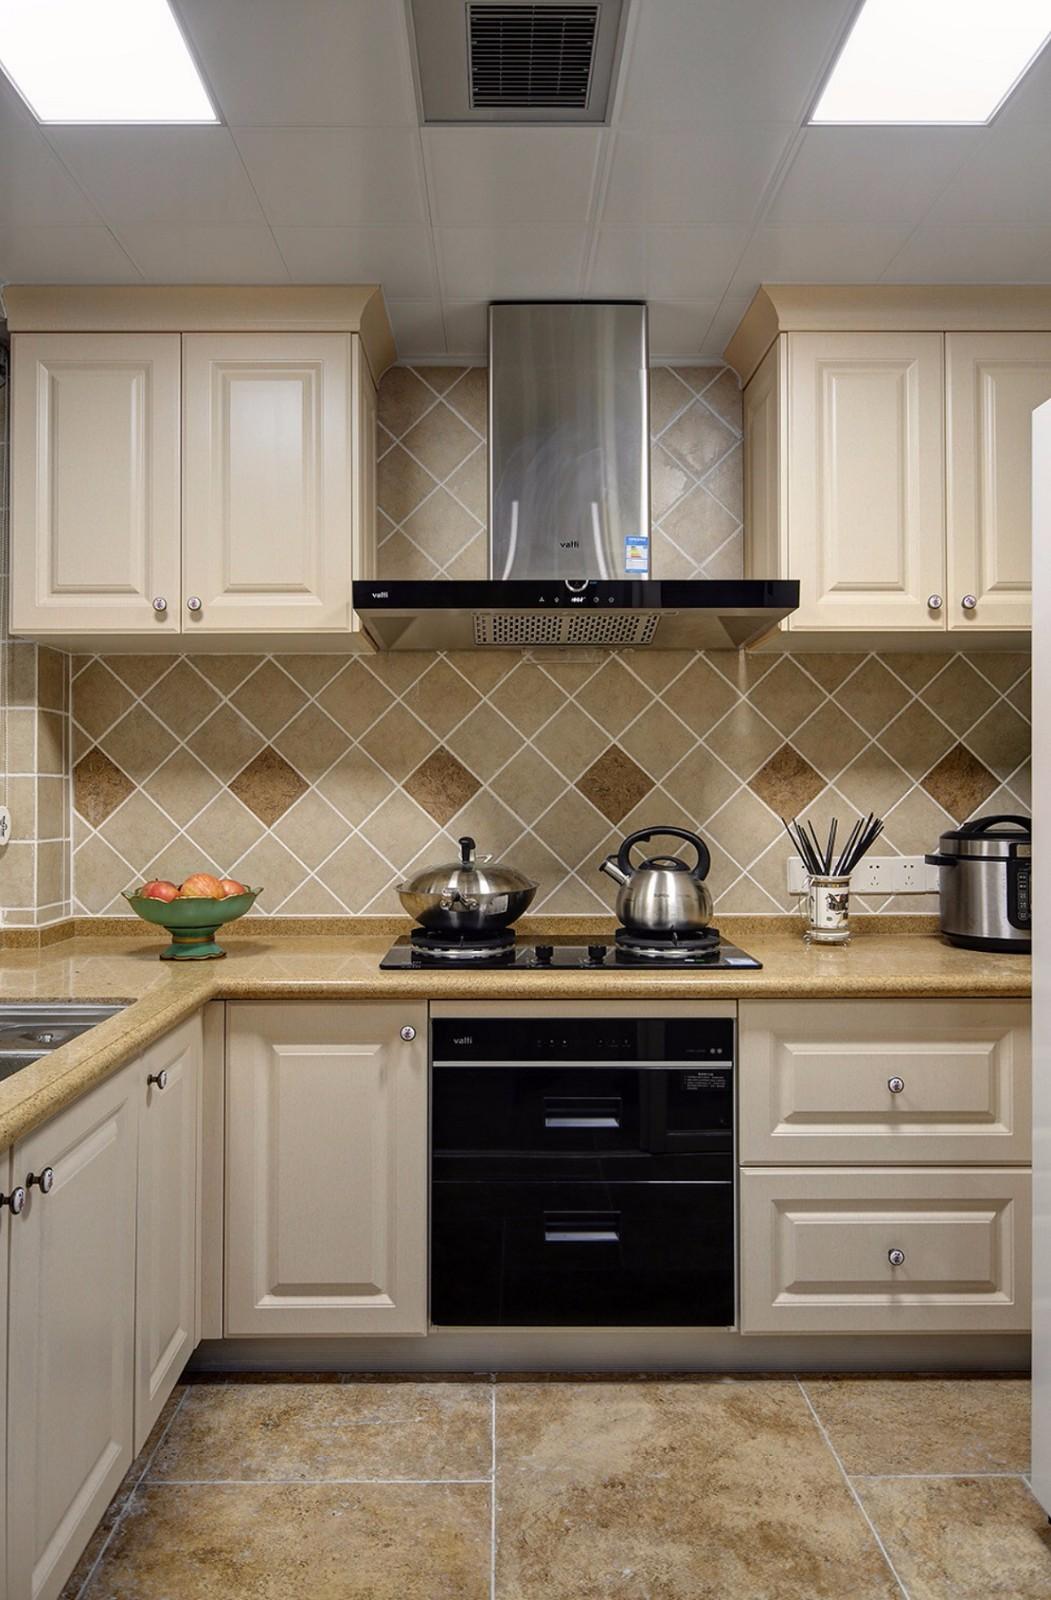 美式田园风格三居厨房装修效果图